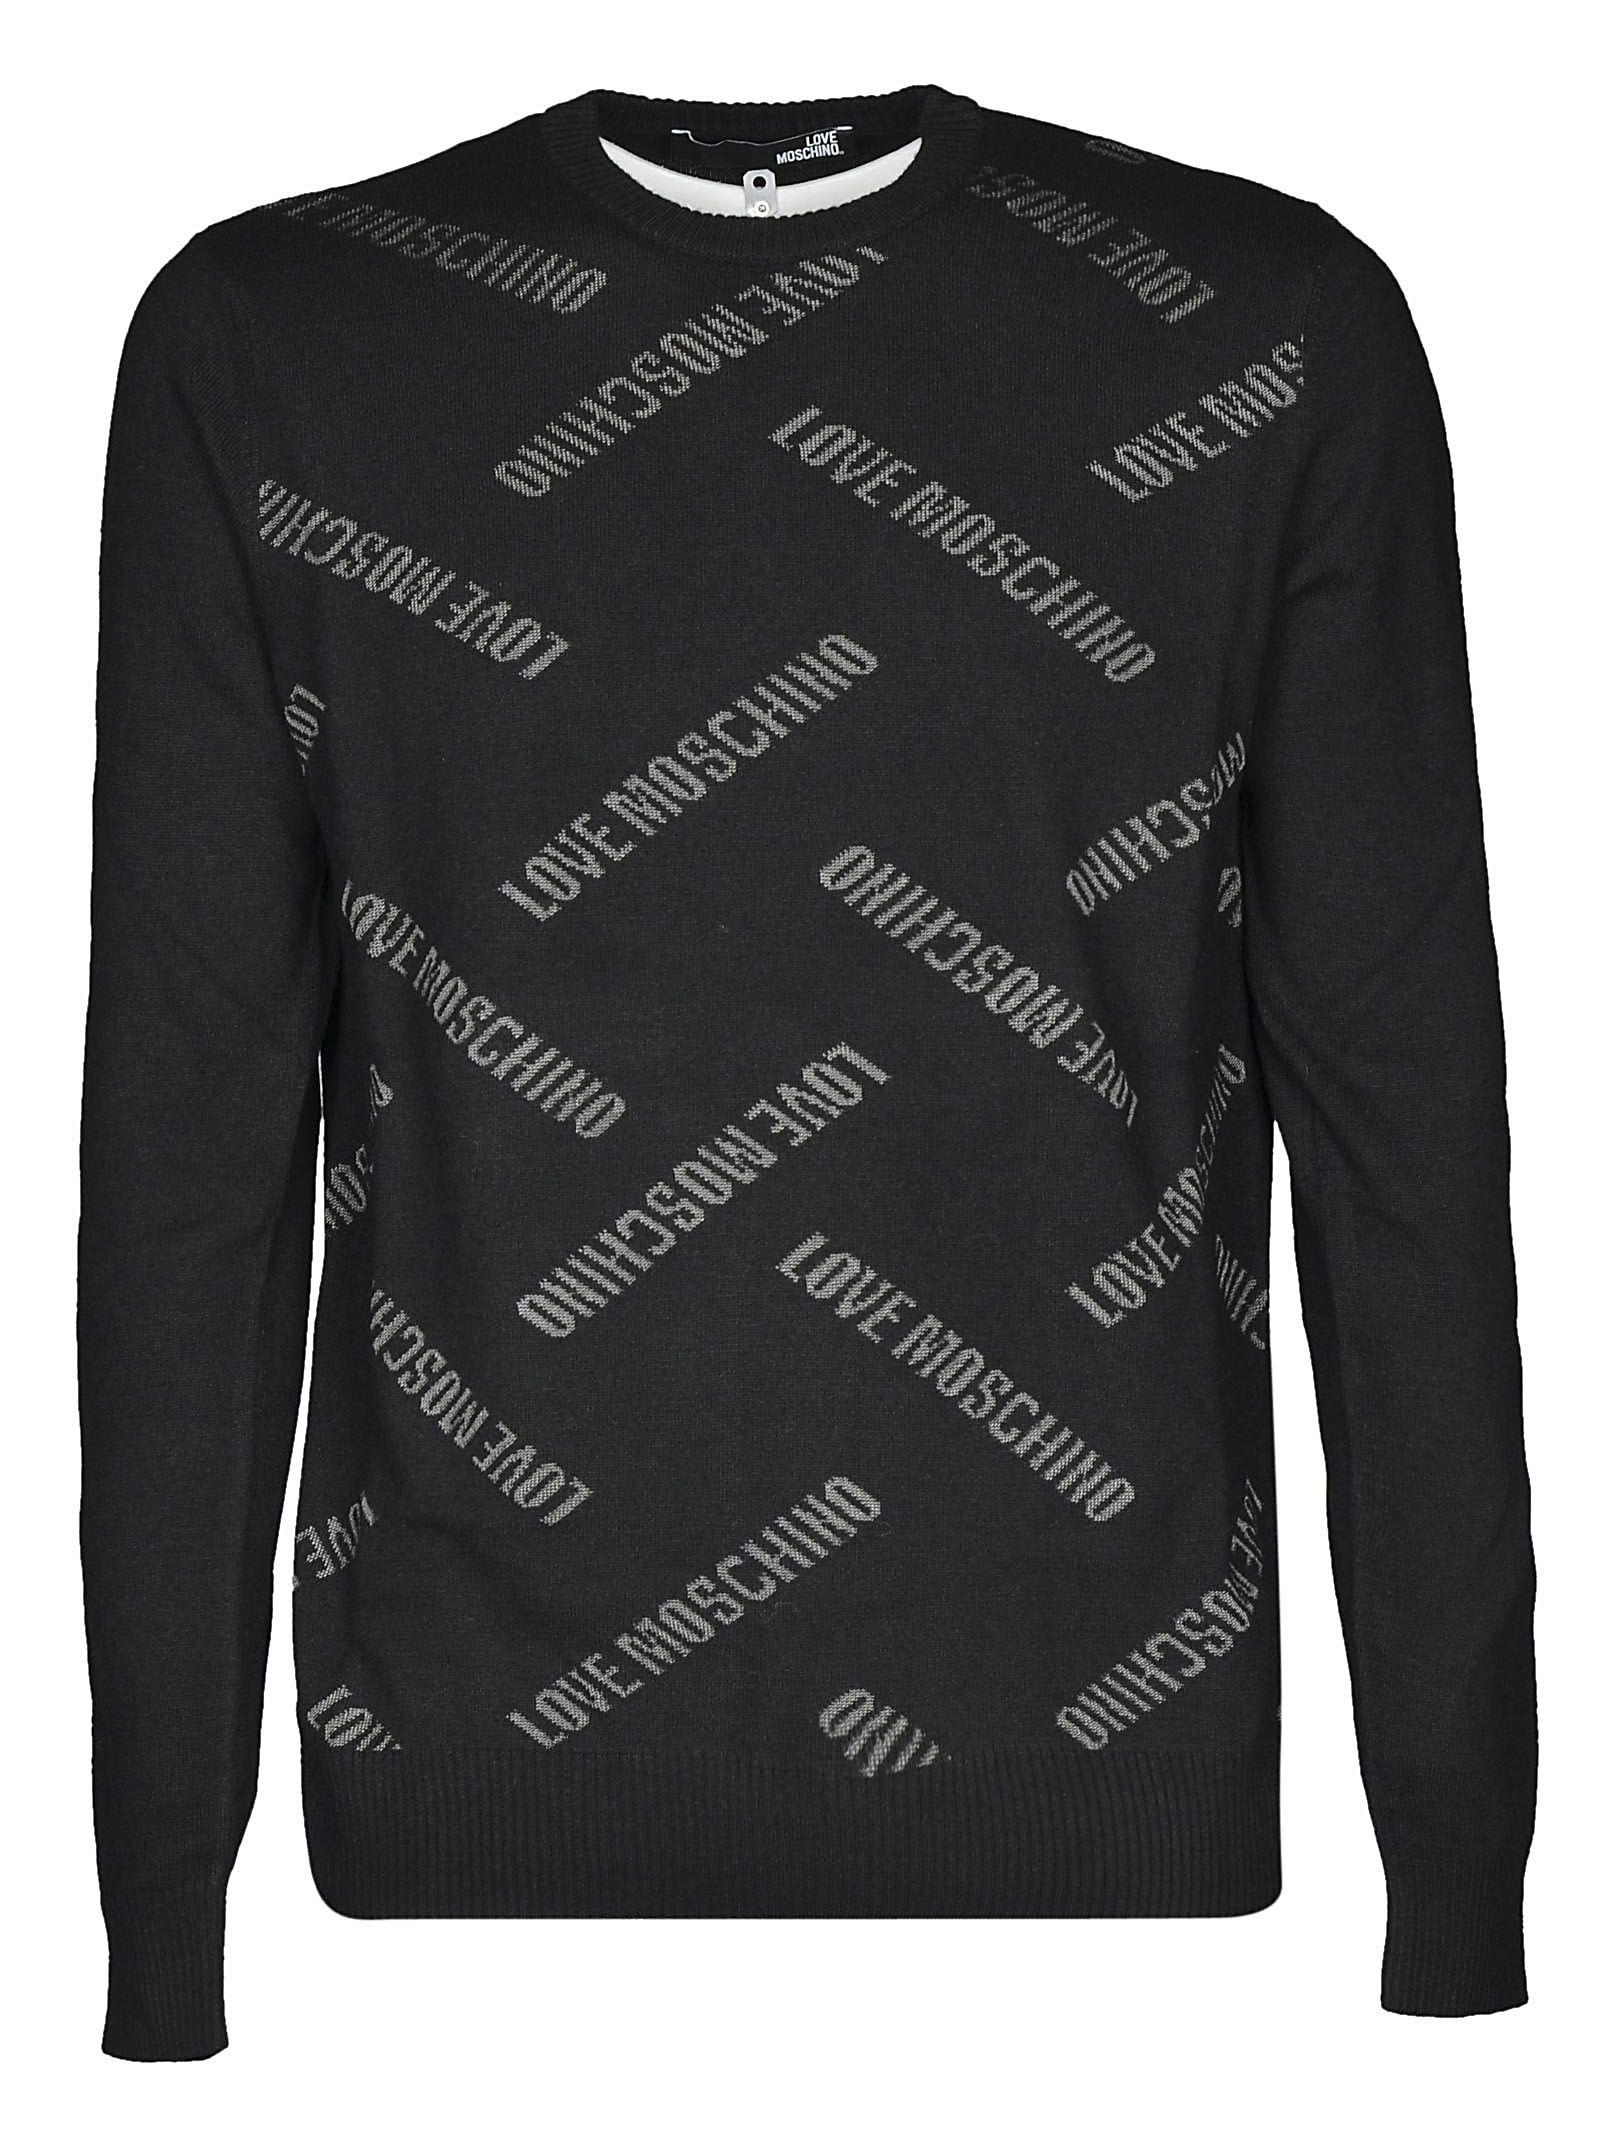 Love Moschino Intarsia Sweater